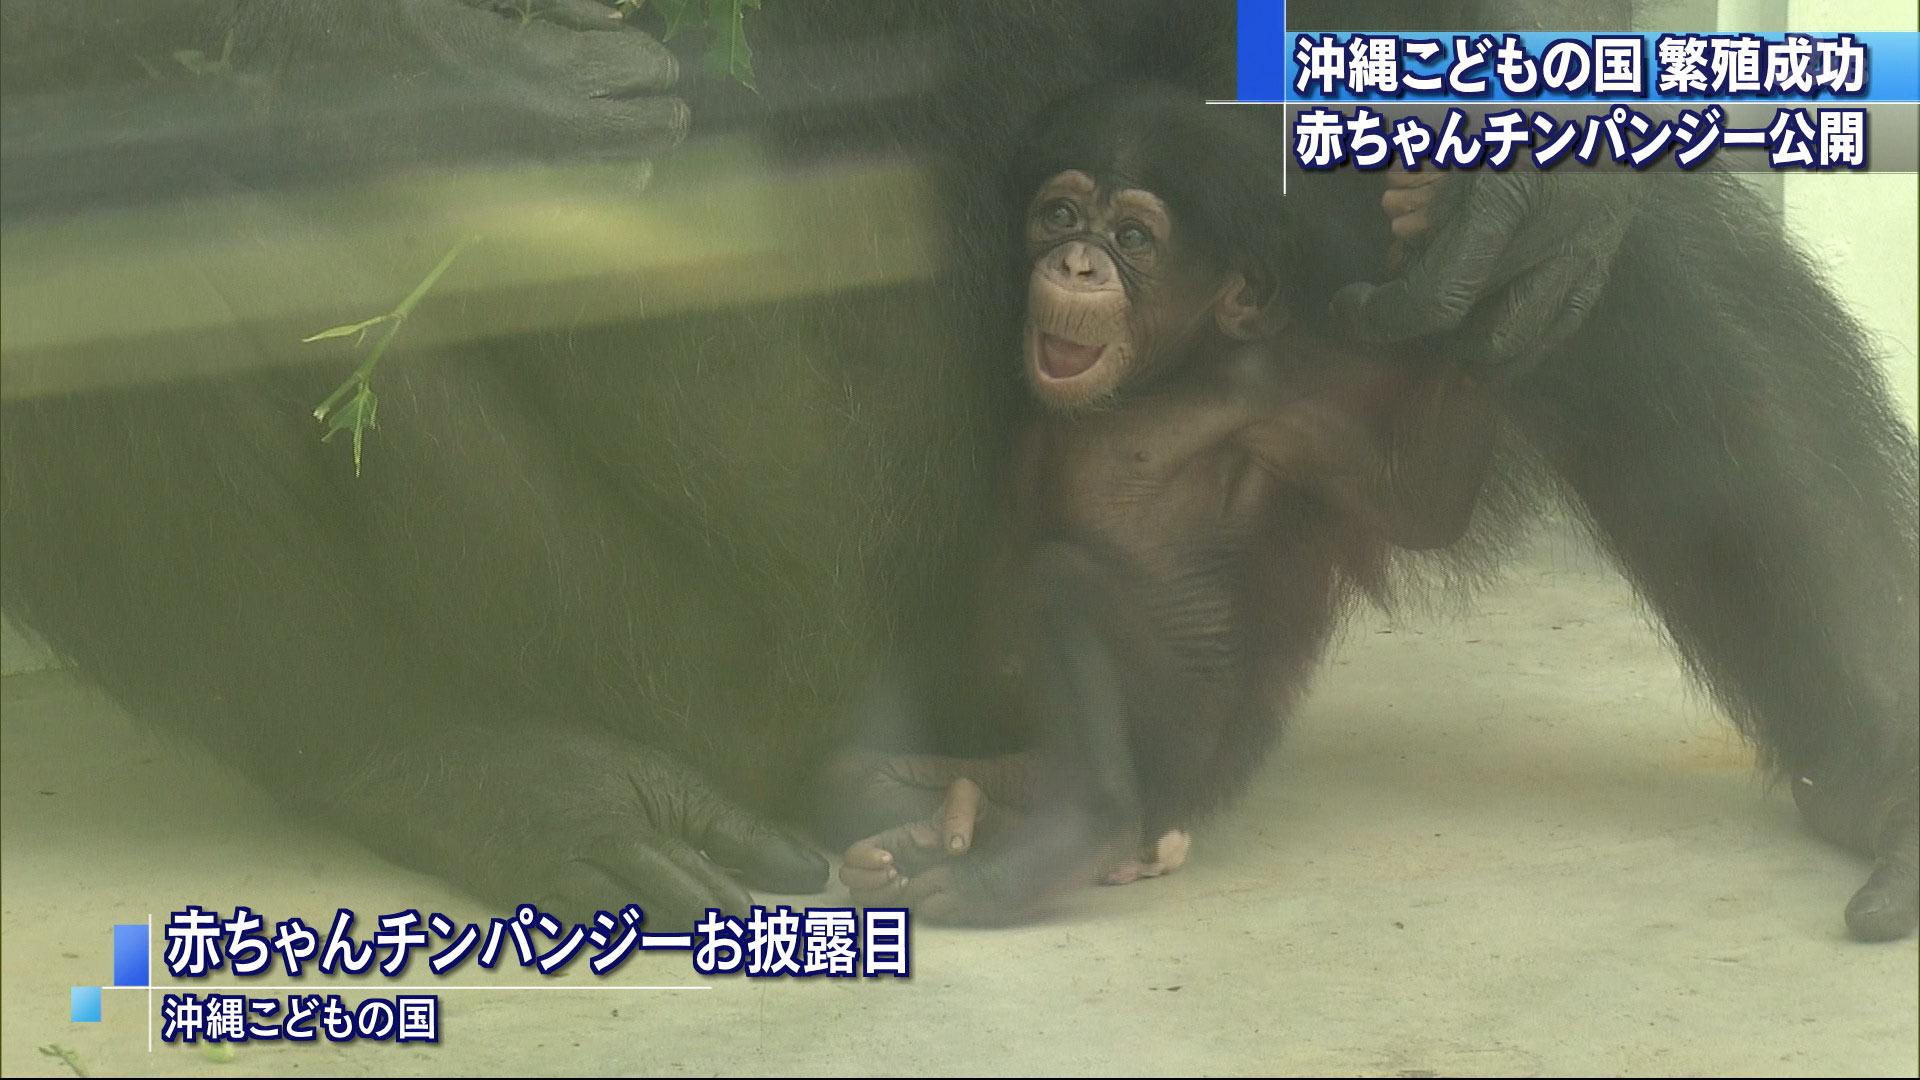 チンパンジーの赤ちゃんお披露目 沖縄こどもの国